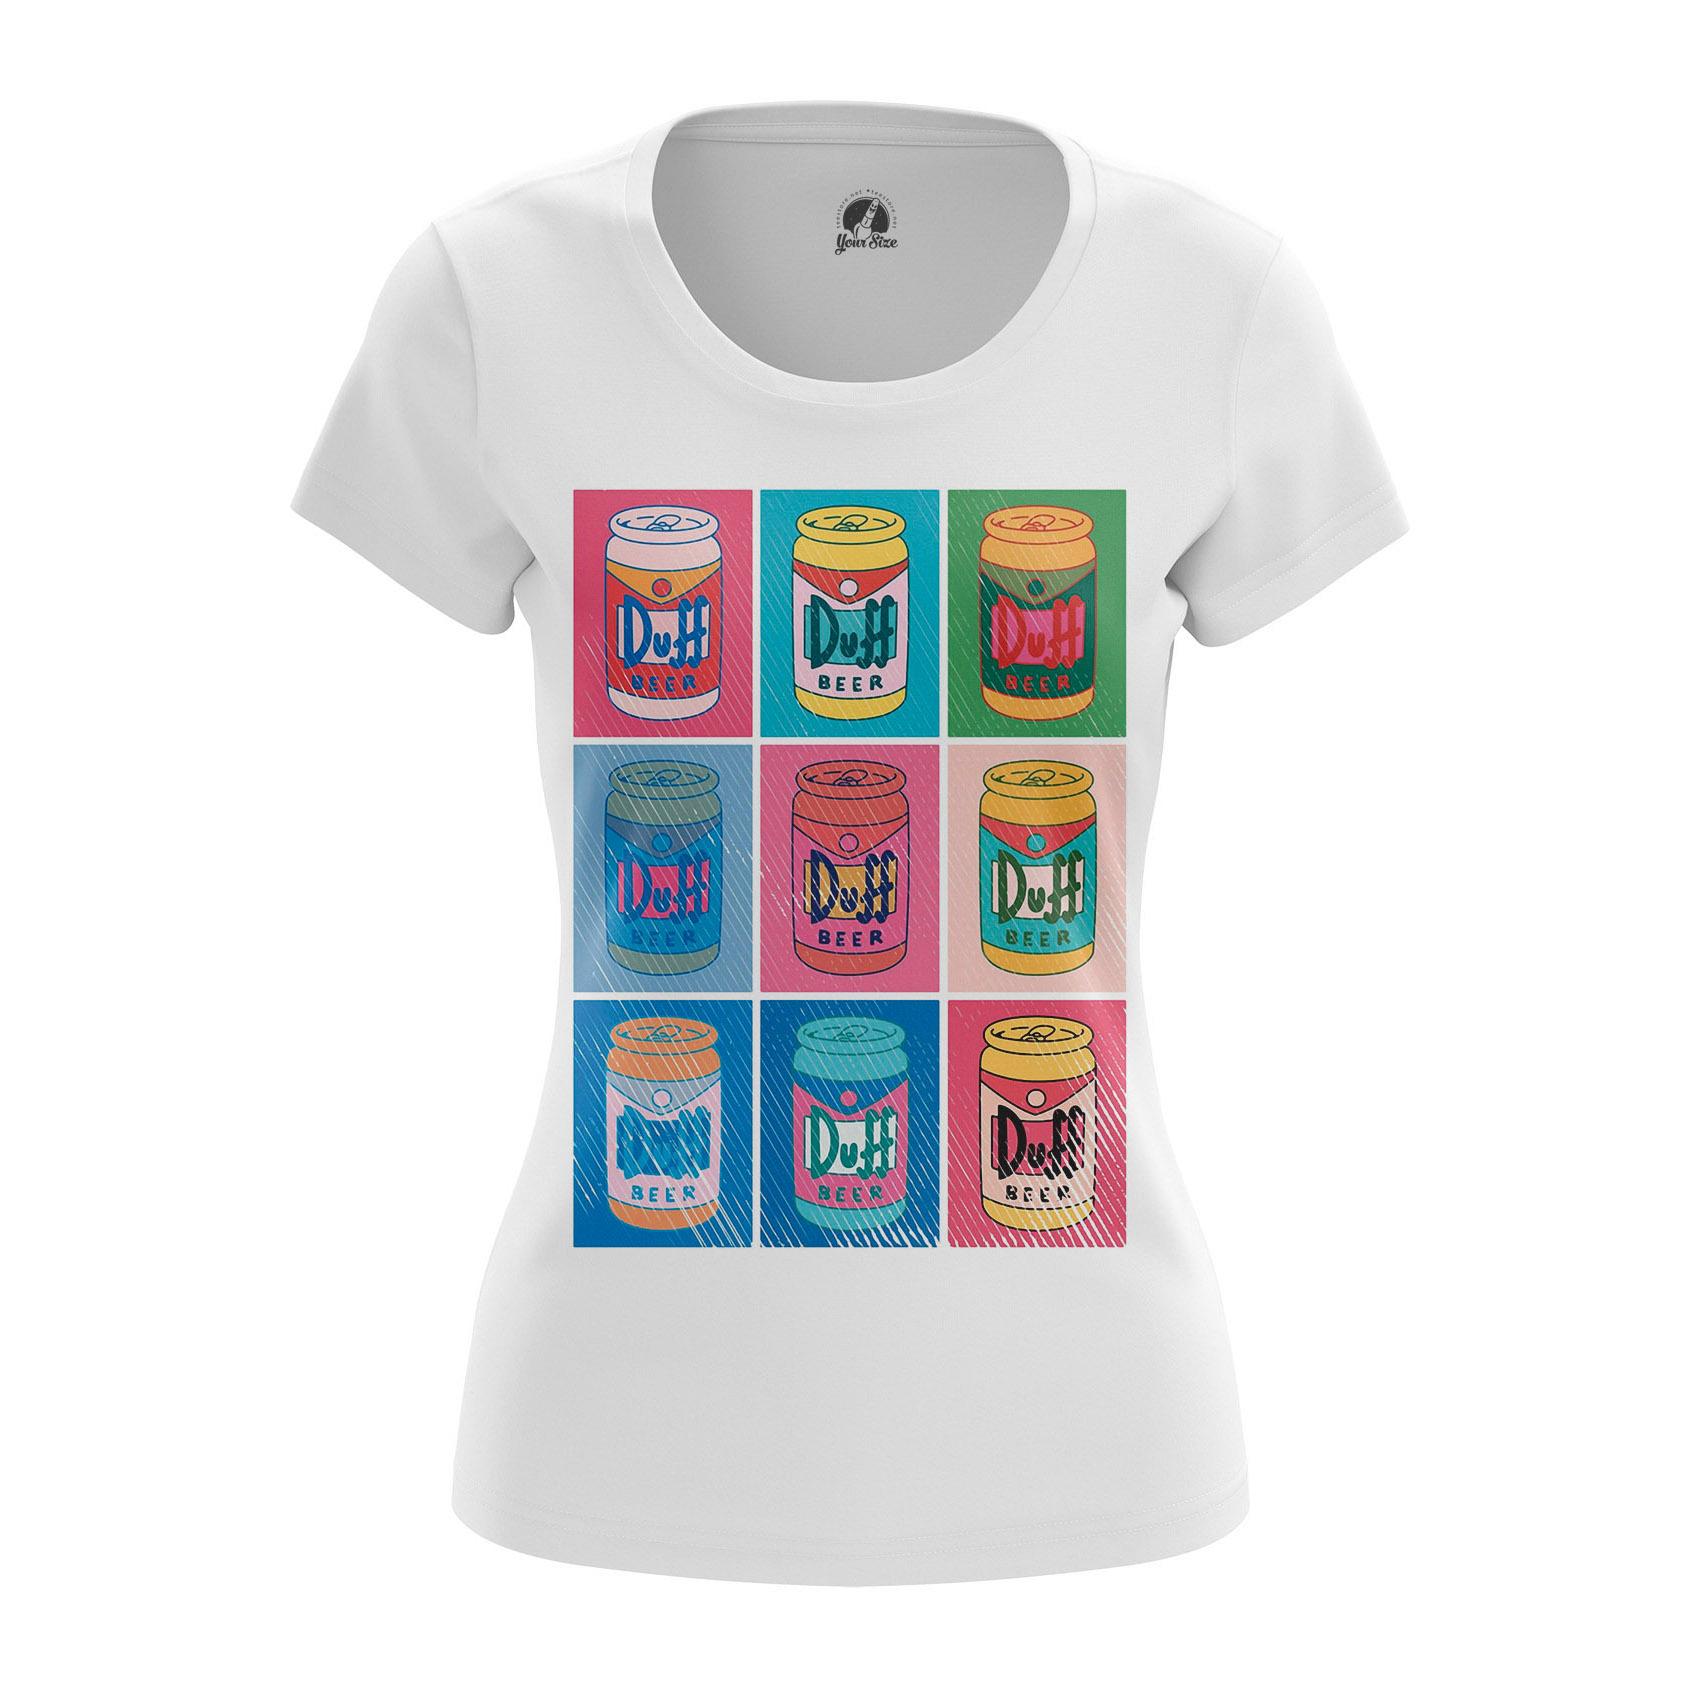 Collectibles - Women'S T-Shirt Duff Time Simpsons Art Pattern Pop Art